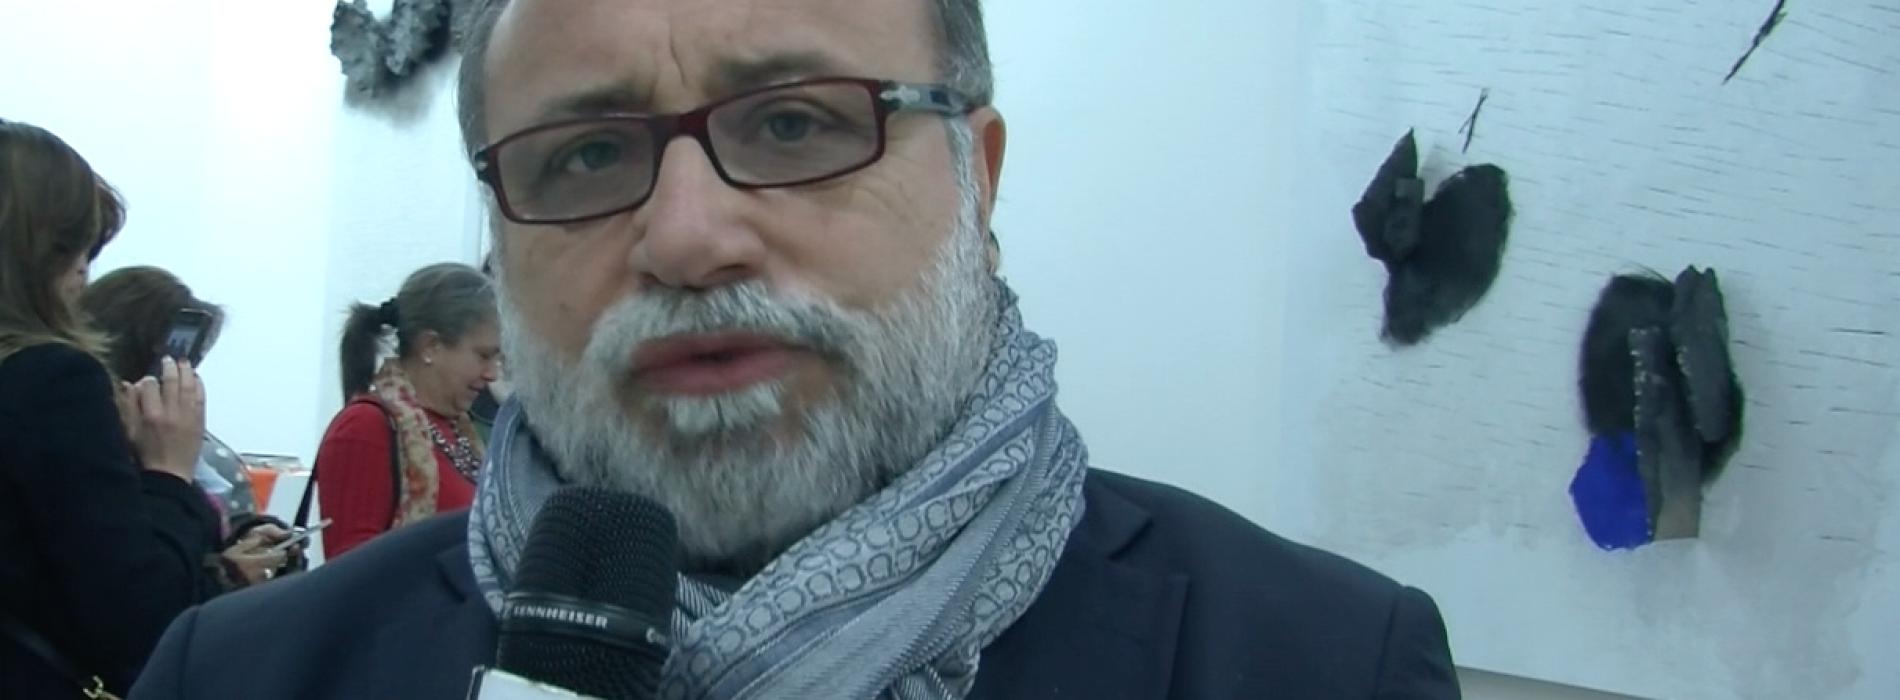 Innocenti evasioni, il mercoledì i detenuti parlano di legalità